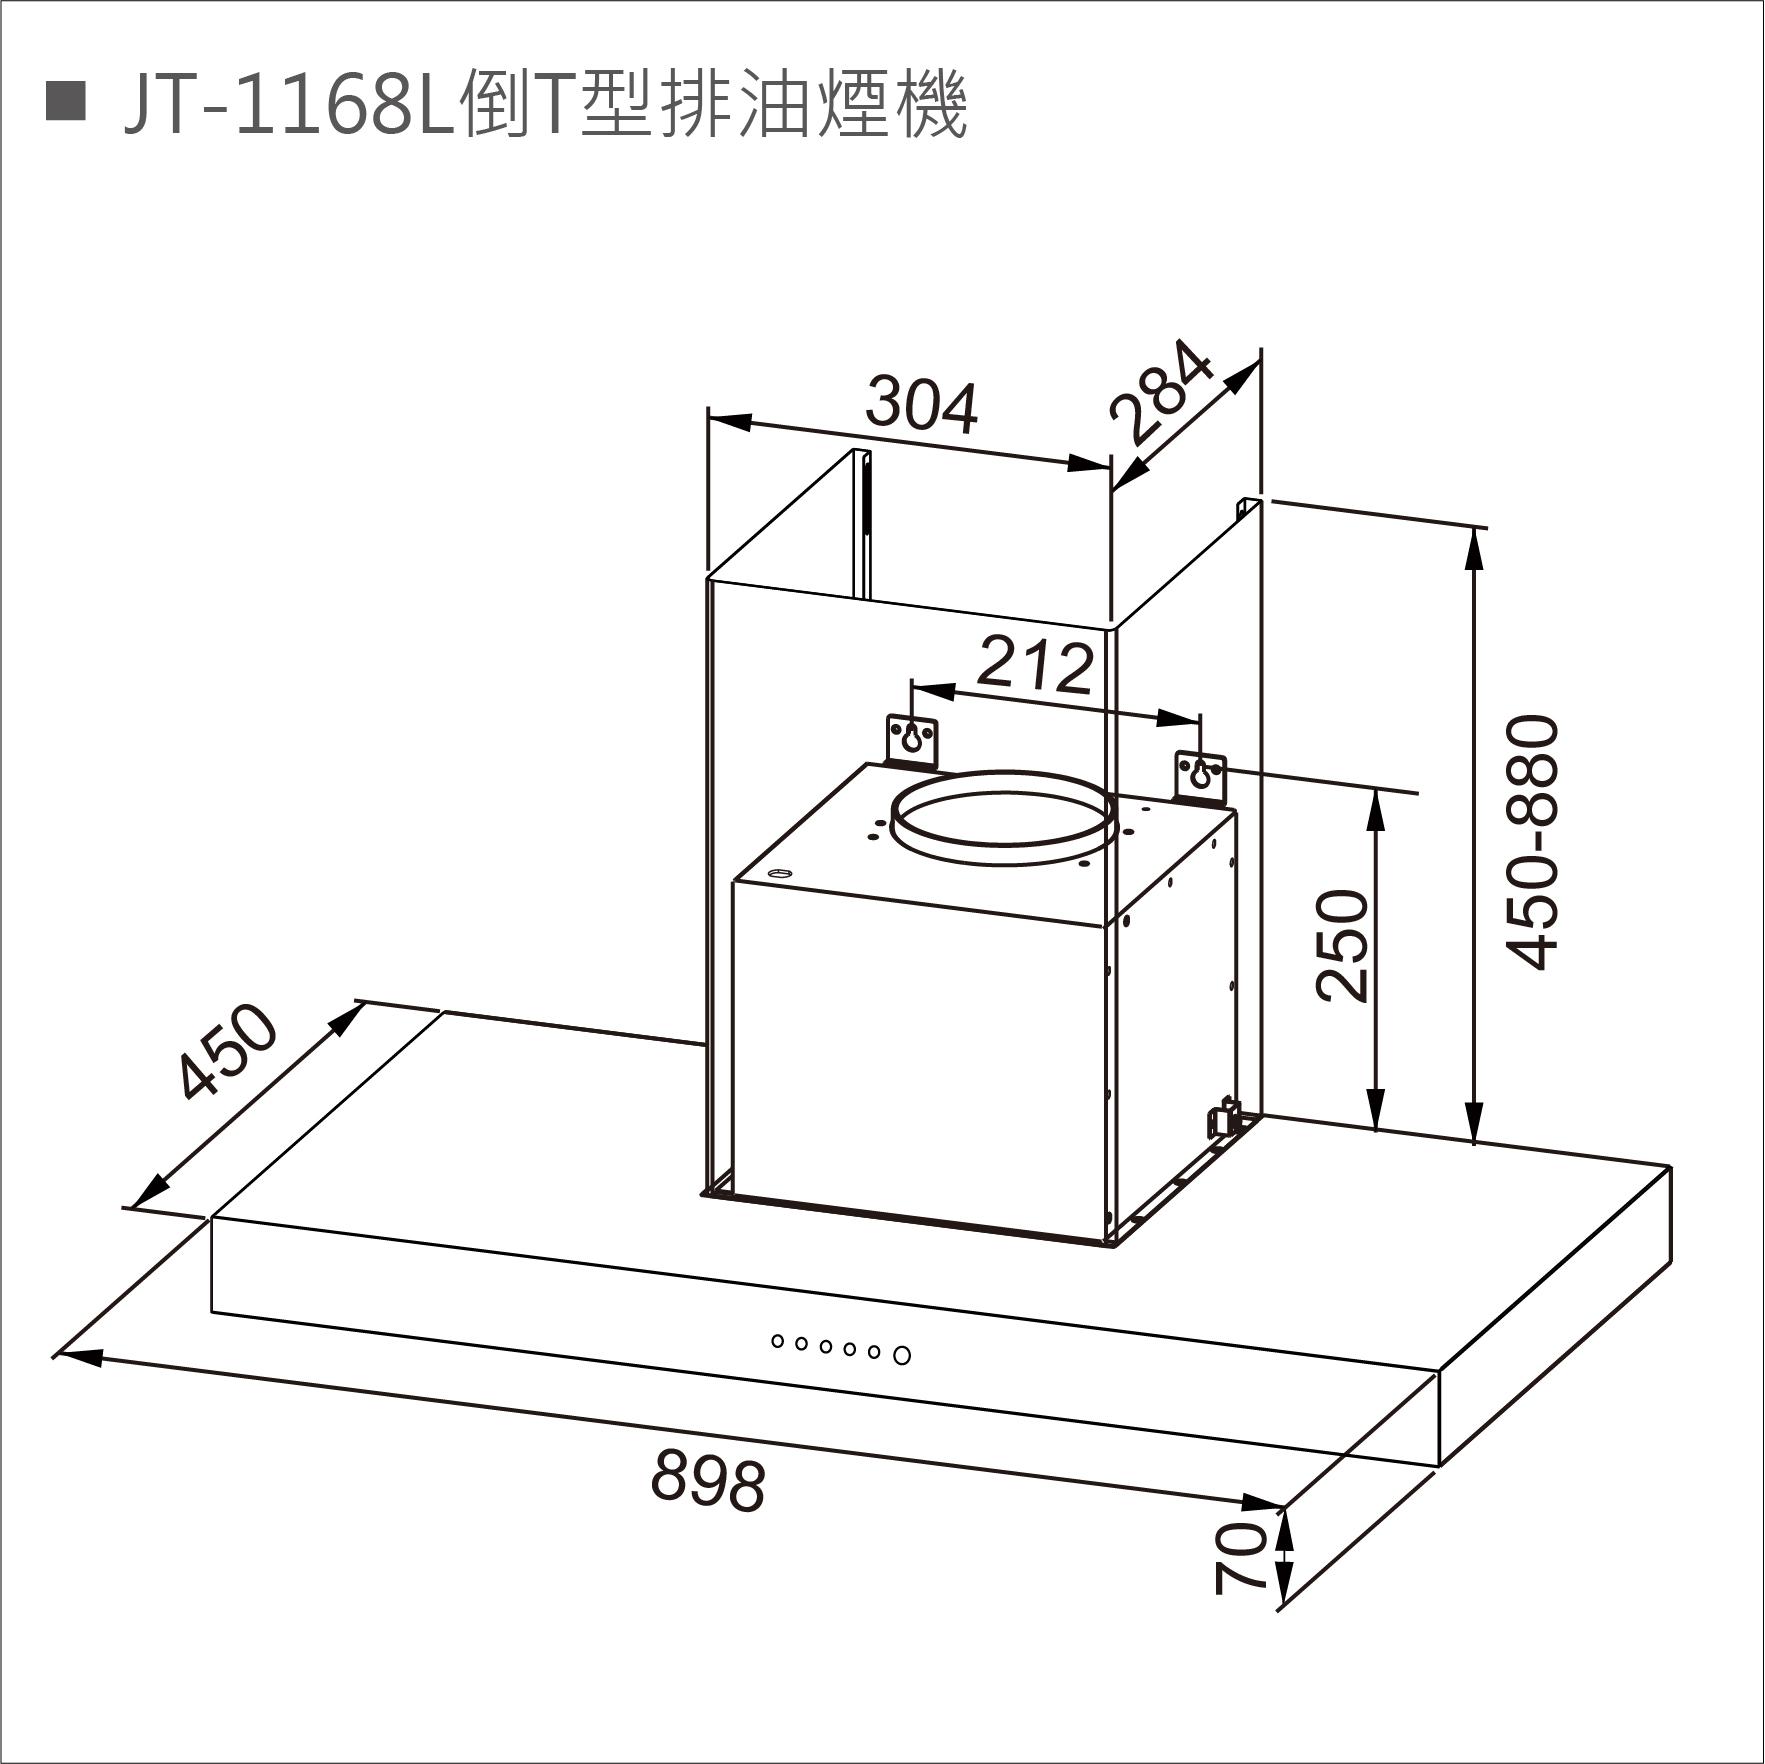 JT-1168L 倒T型排油煙機-JT-1168L